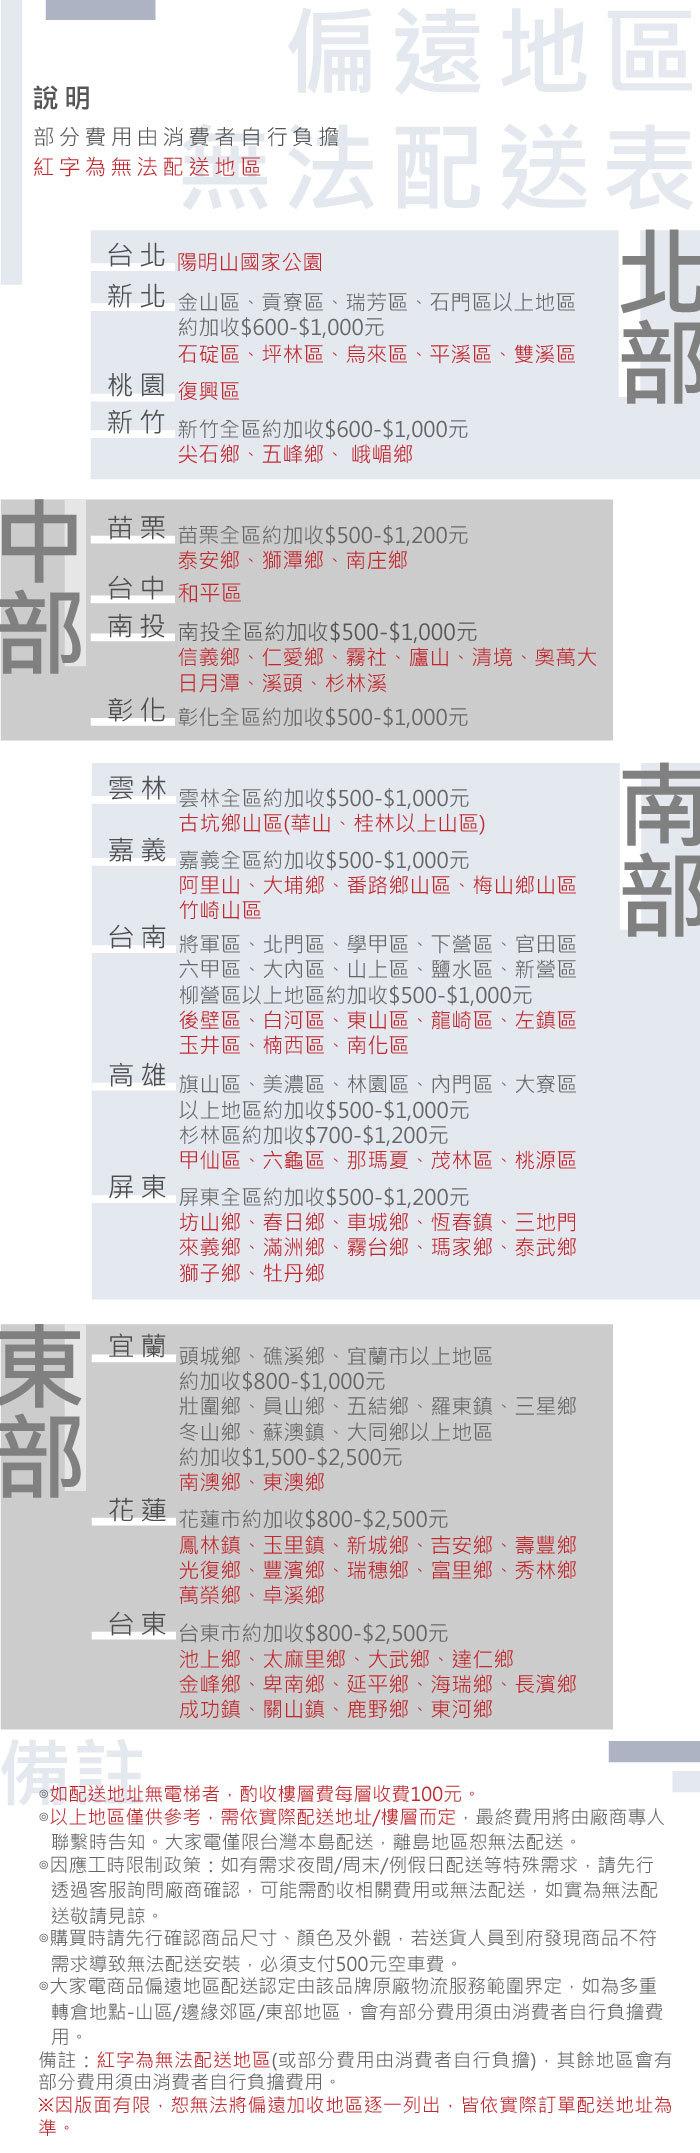 Mitsubishi 三菱 MR-JX53C/MR-JX53C-N-C 冰箱 六門 變頻 日本原裝